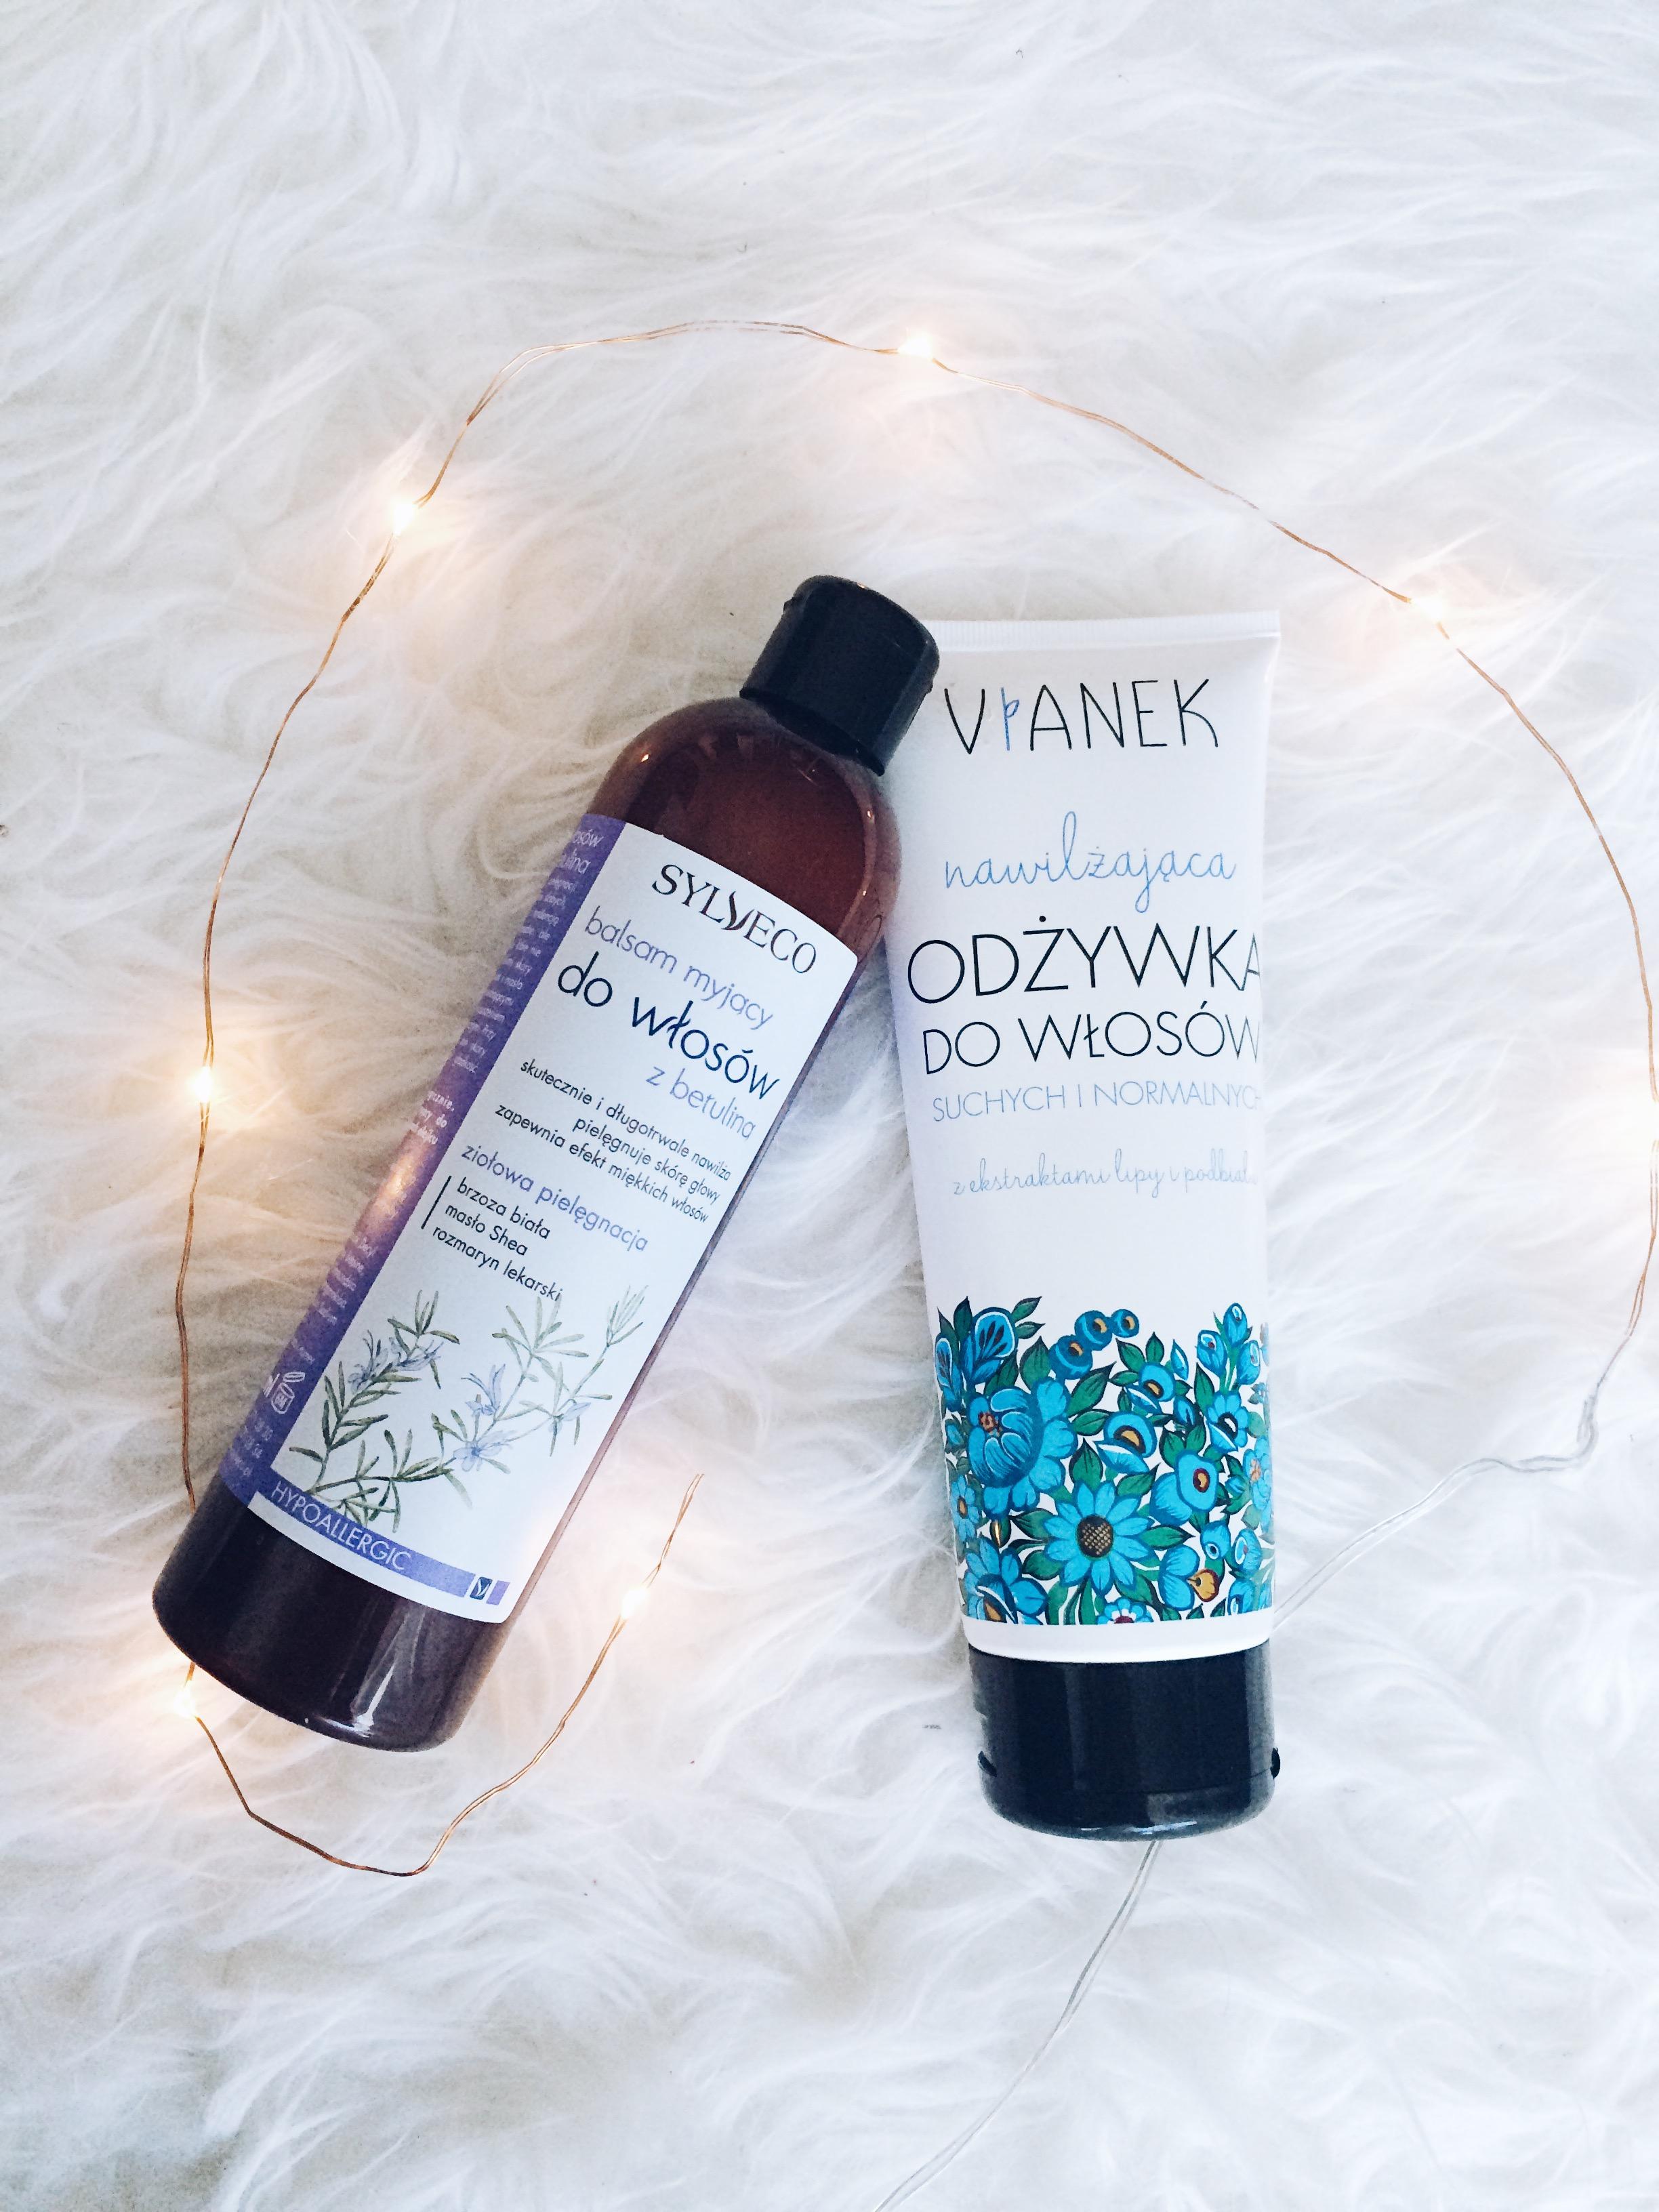 odżywka do włosów vianek sylveco kosmetyki naturalne odkrycia miesiąca grudzień